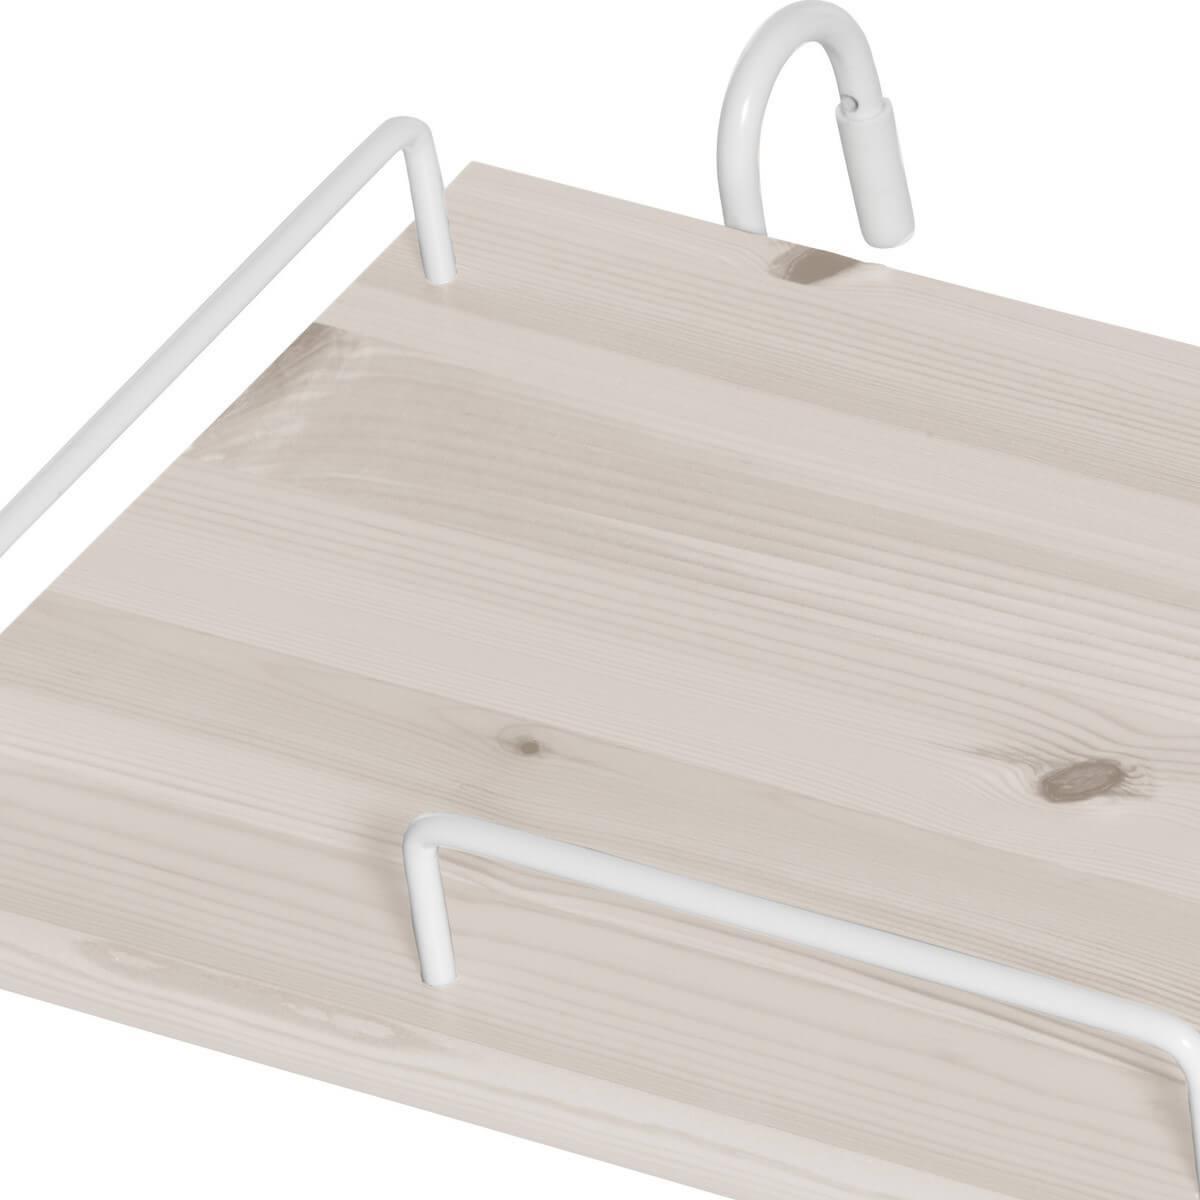 Nachttisch zum Einhängen CLASSIC by Flexa whitewash